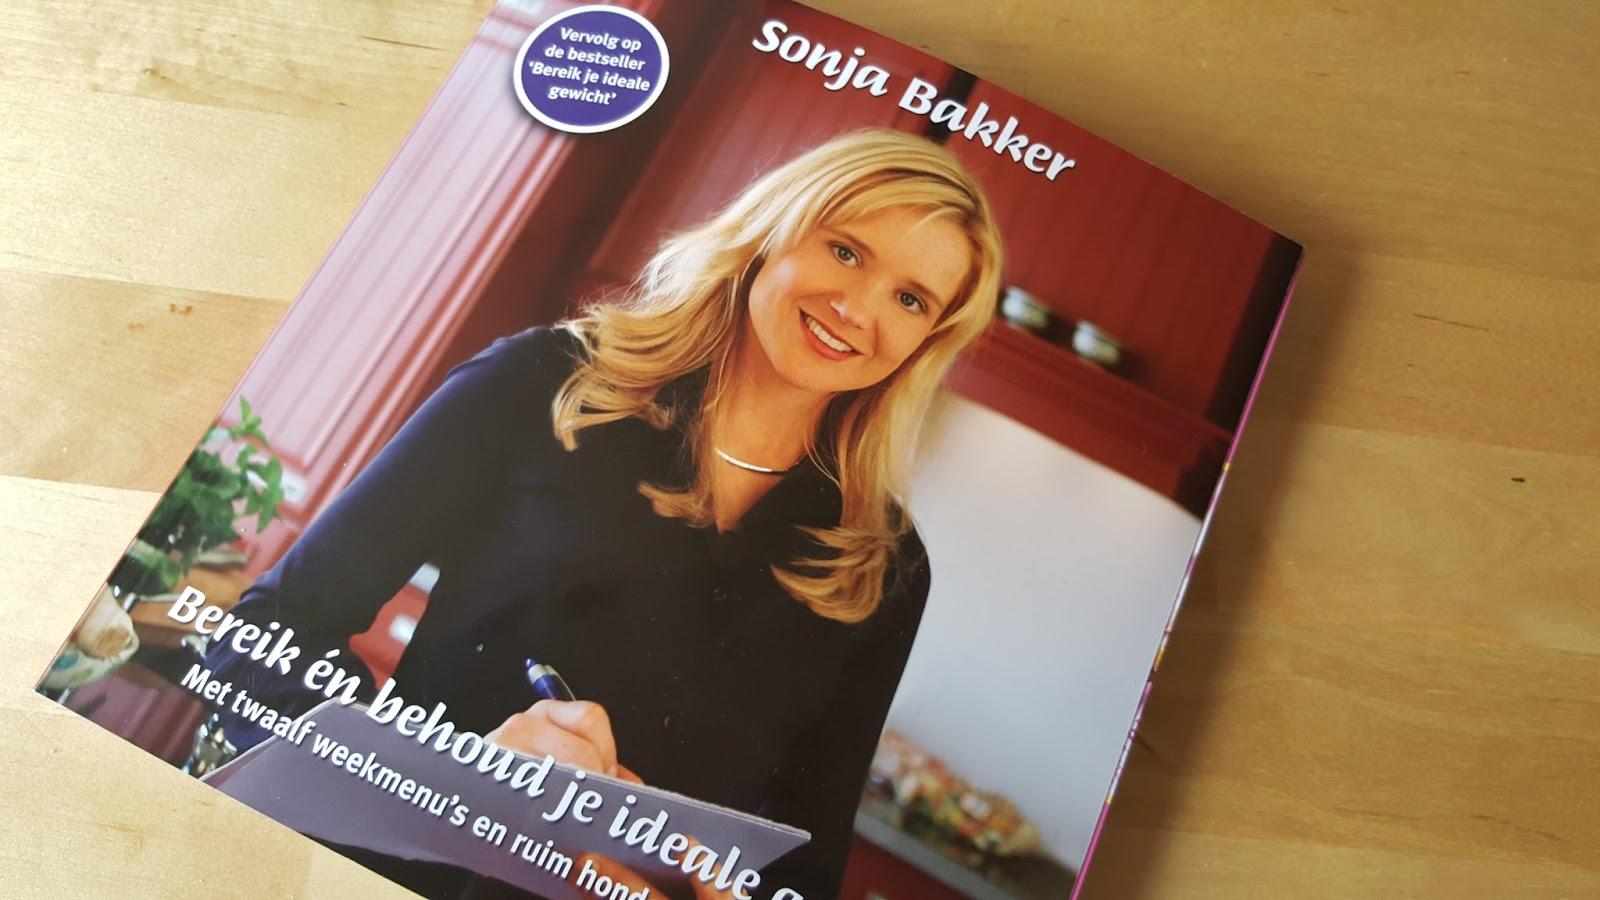 Sonja bakker bereik en behoud je ideale gewicht zussen bloggen over - Bereik kind boek ...